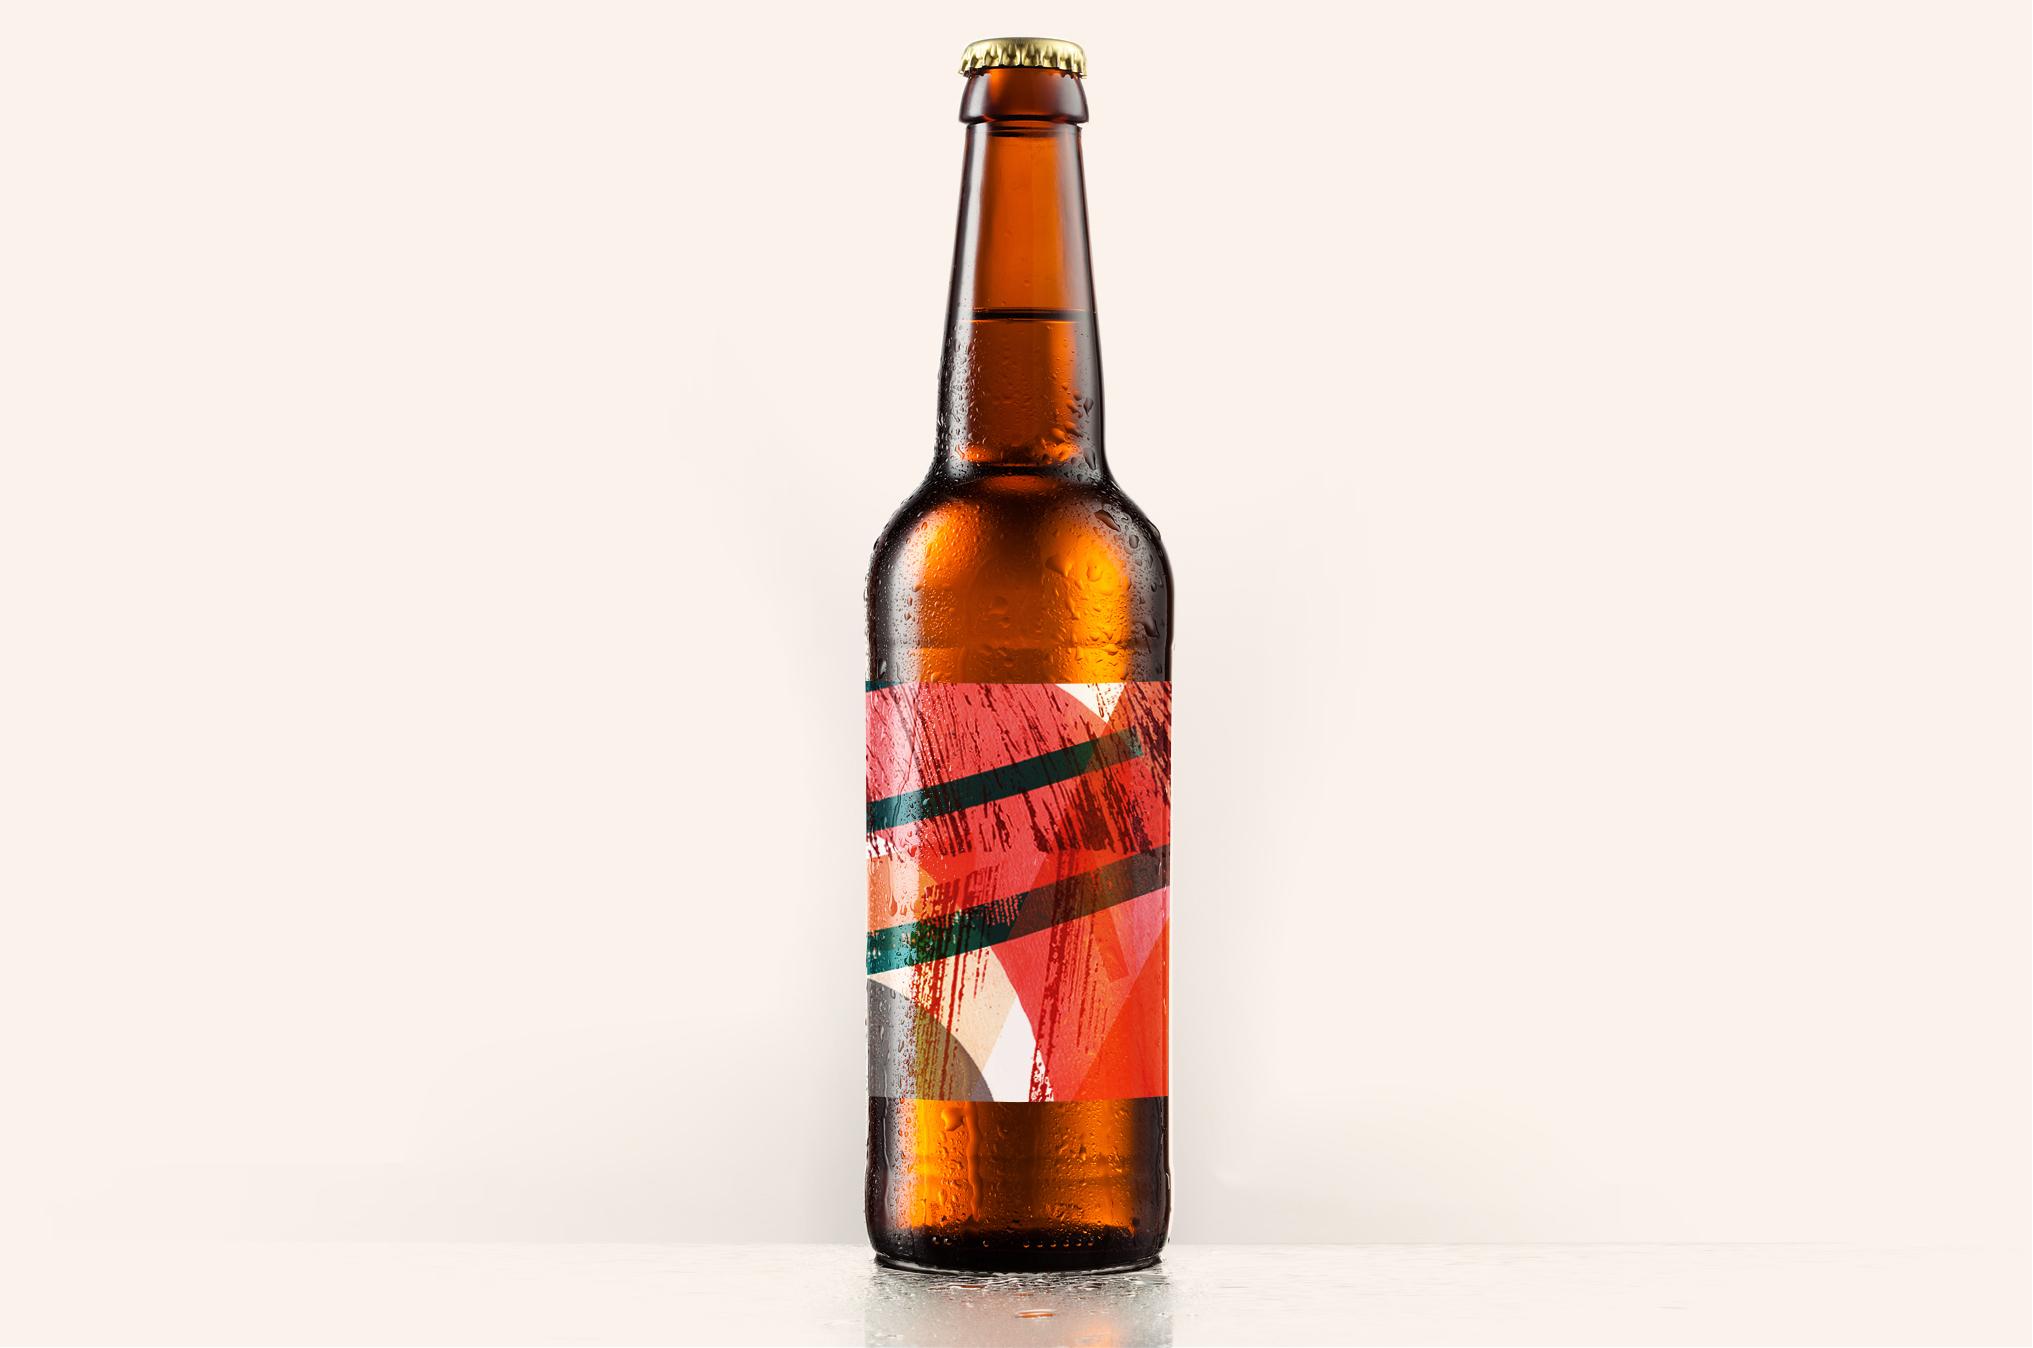 Beer label no name 2.jpg